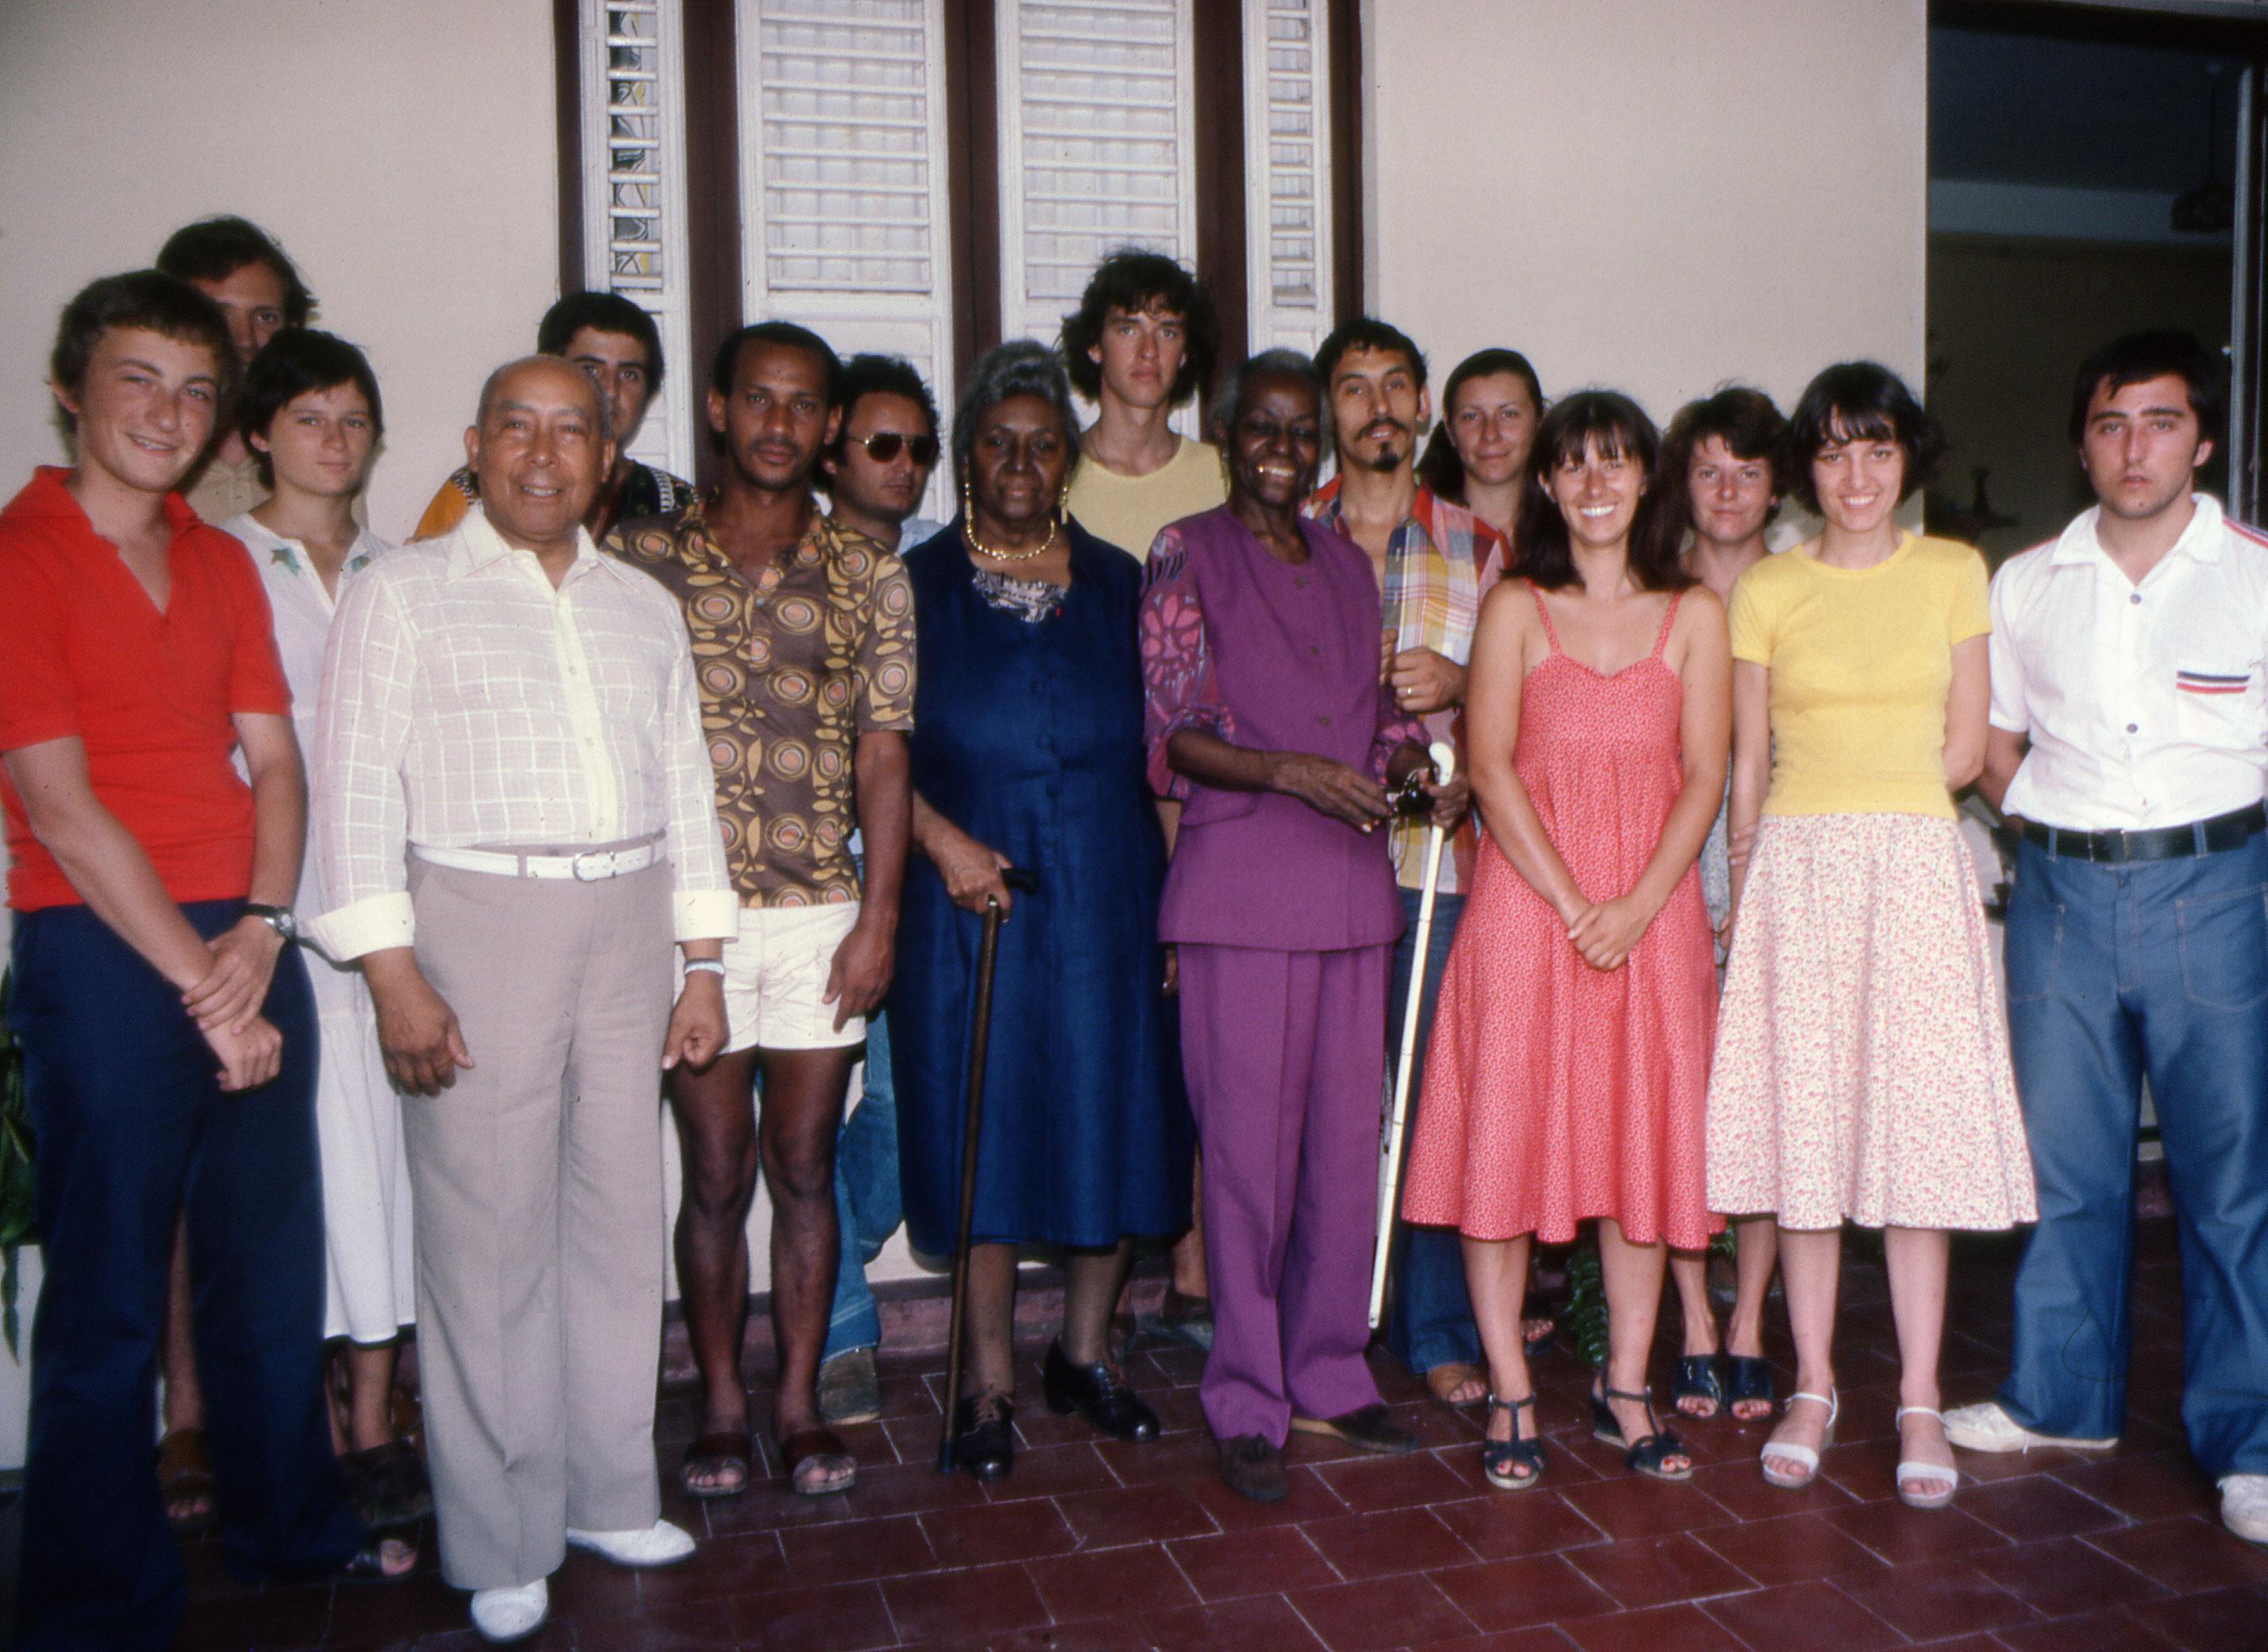 le Park Glee Club chante des Negro spirituals chez Paulette et Jane NARDAL au Morne-Rouge (Martinique) - août 1978 - accompagné de Jacques Catayé, directeur de la chorale Joie de Chanter - photo J.L. ACHILLE